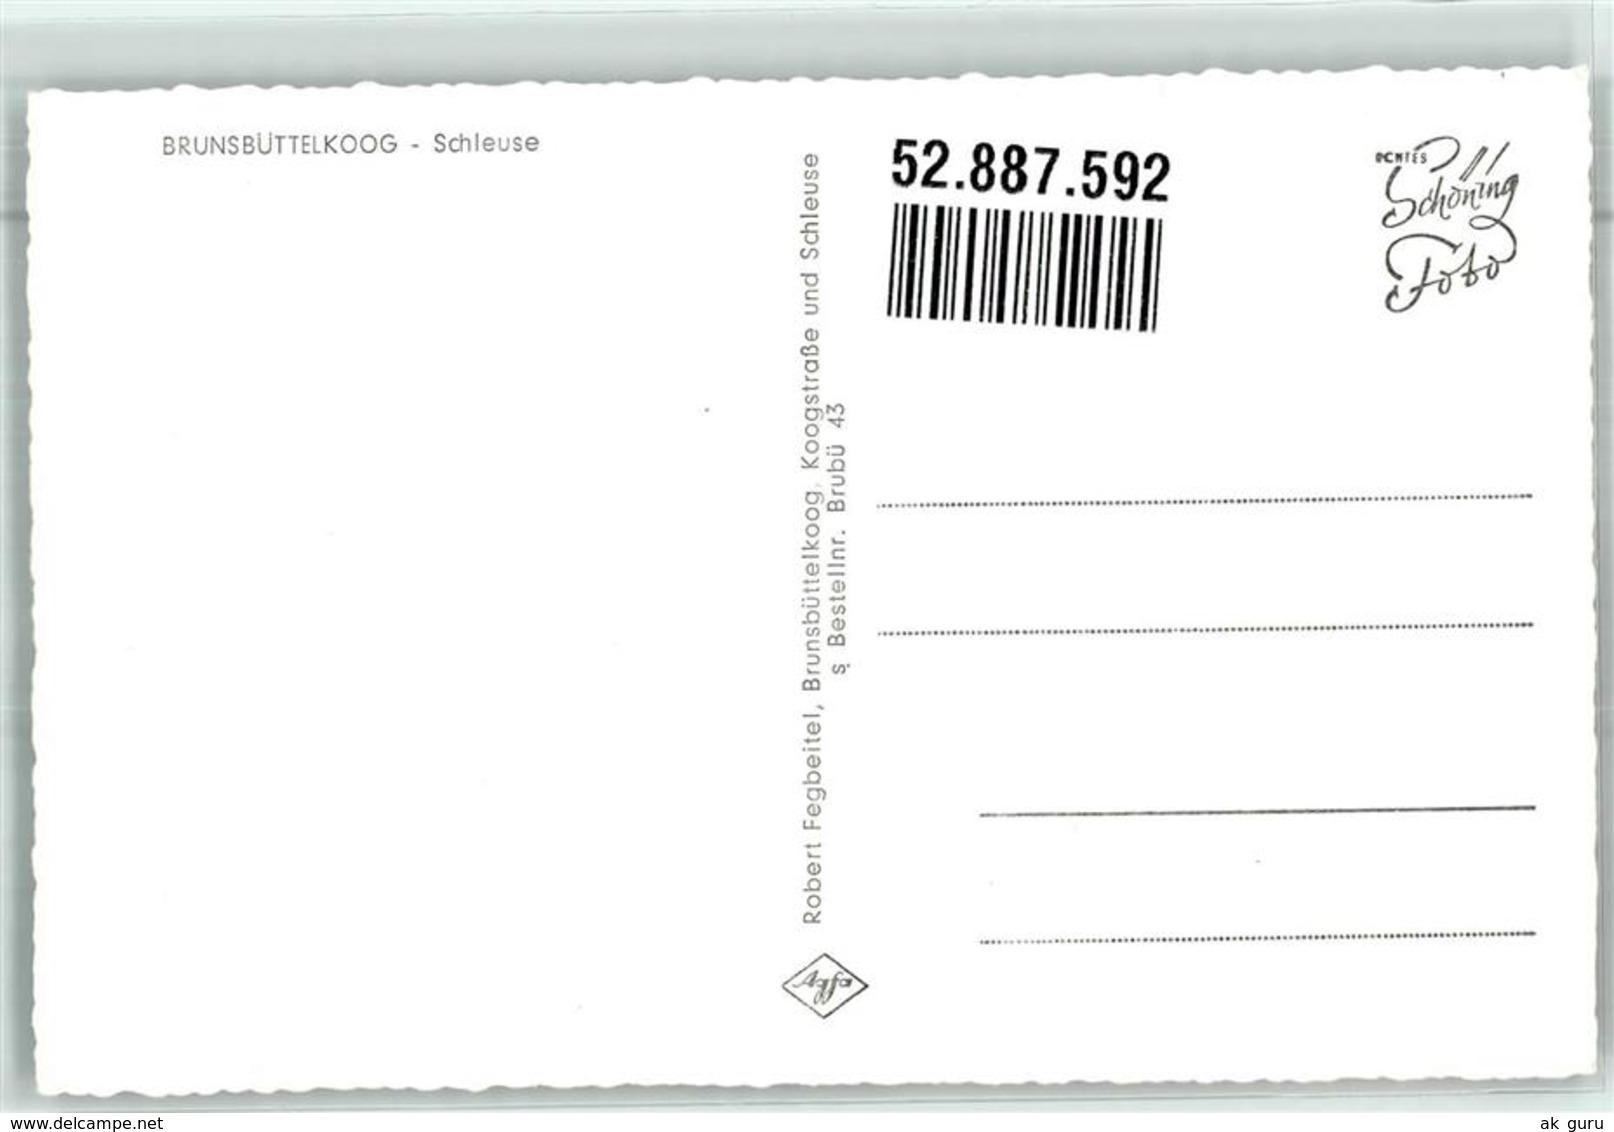 52887592 - Brunsbuettelkoog - Brunsbuettel